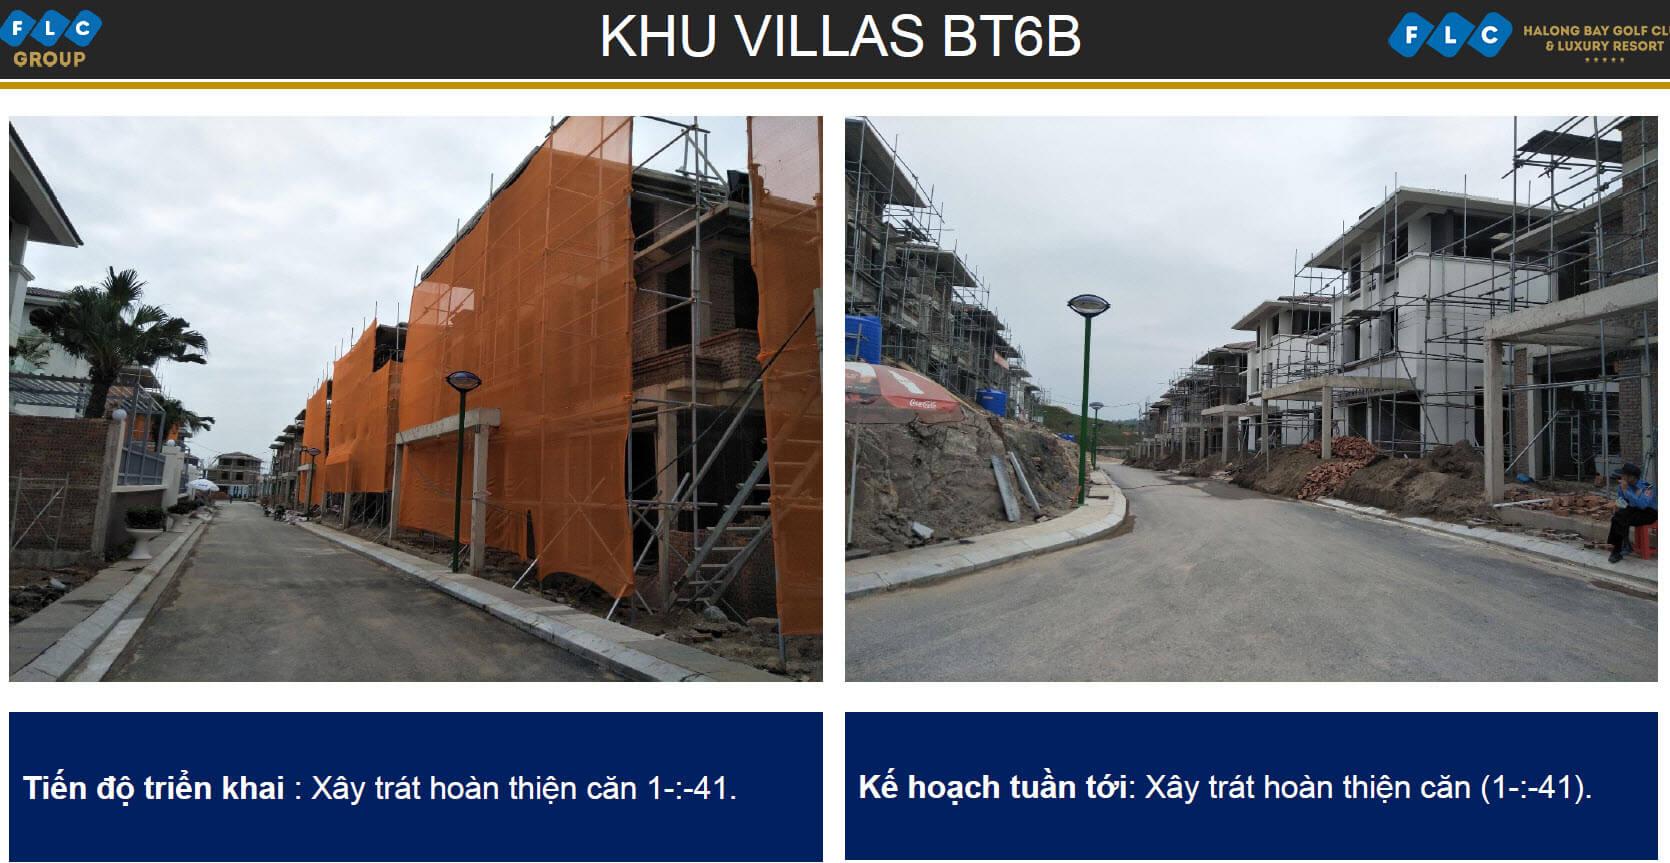 villas bt6b 1311